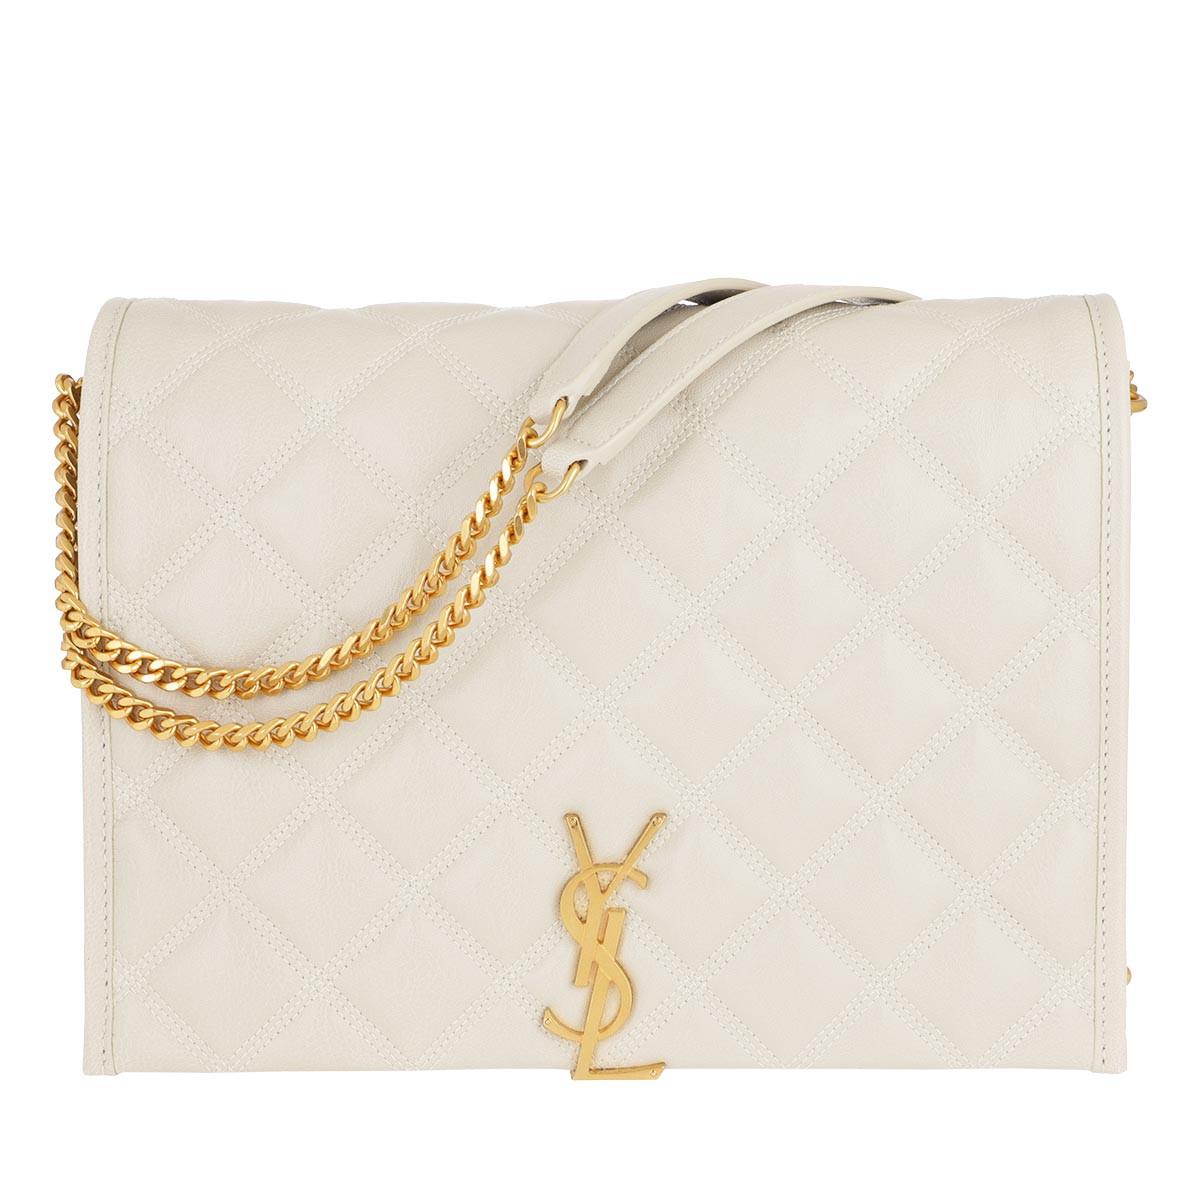 Saint Laurent Umhängetasche - Becky Small Chain Bag Quilted Lambskin Crema Soft - in beige - für Damen